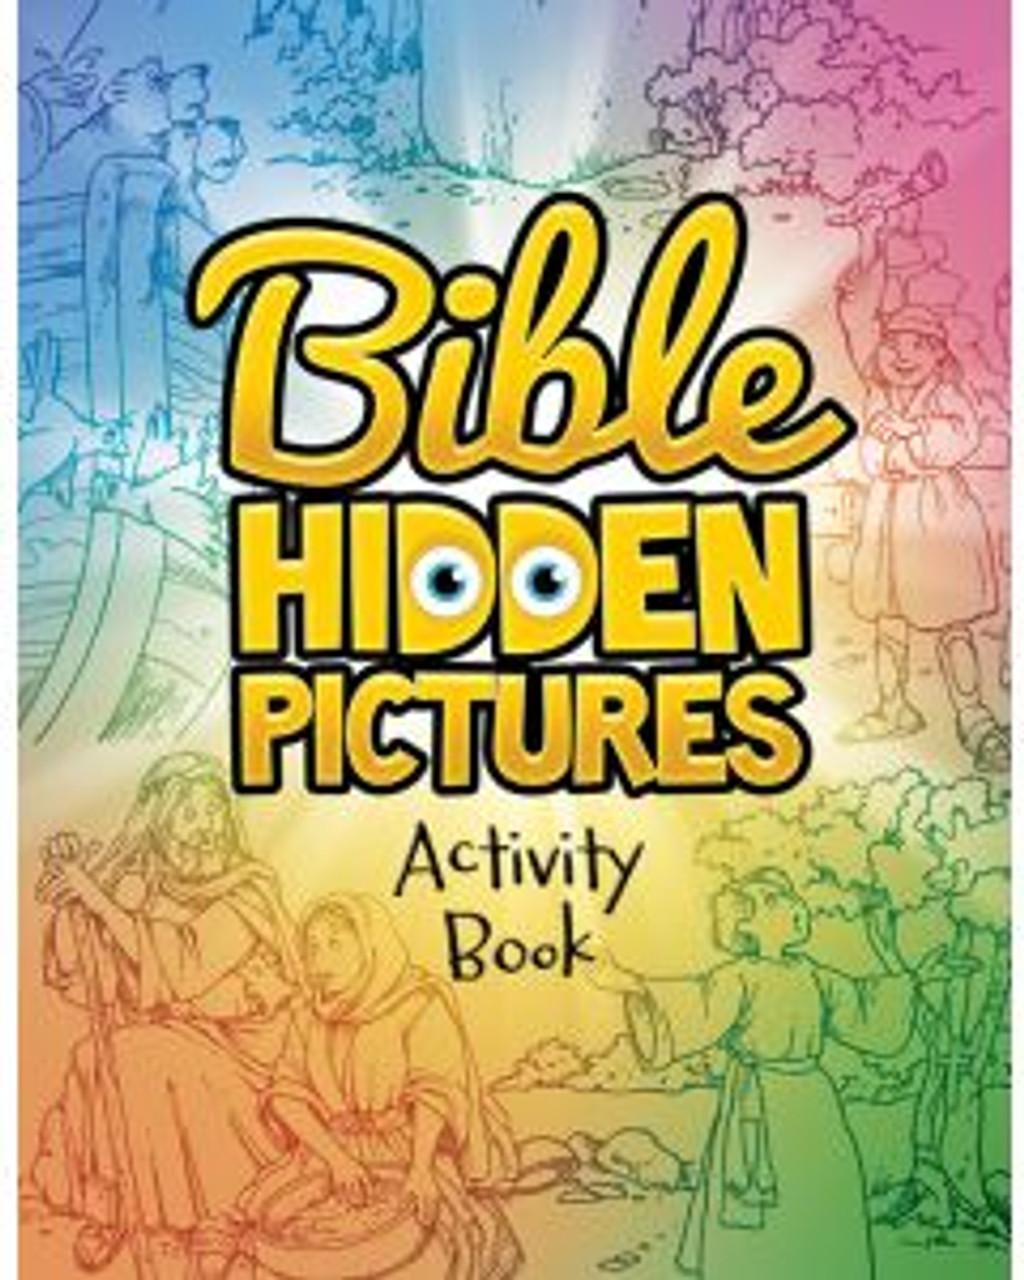 Bible Hidden Pictures (activity book)